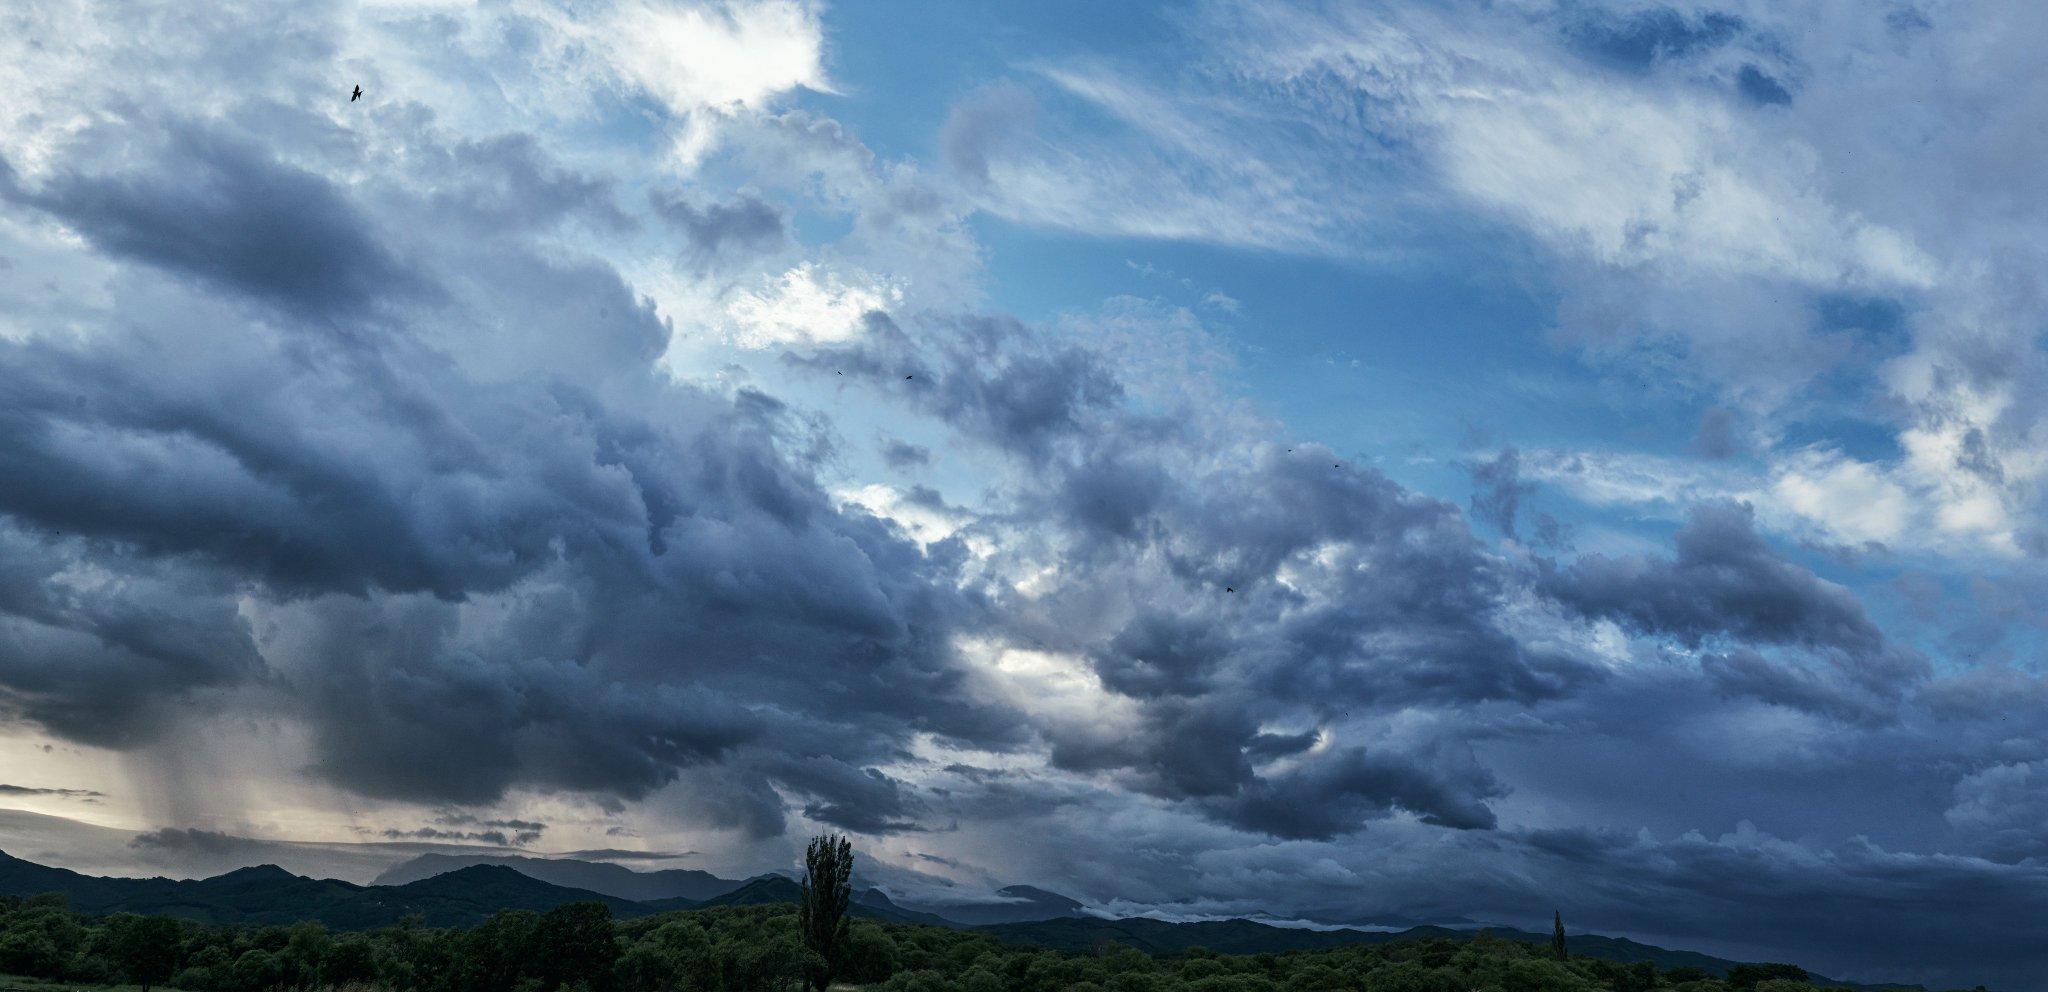 Ещё один кадр из подборки с красивыми дождевыми облаками)